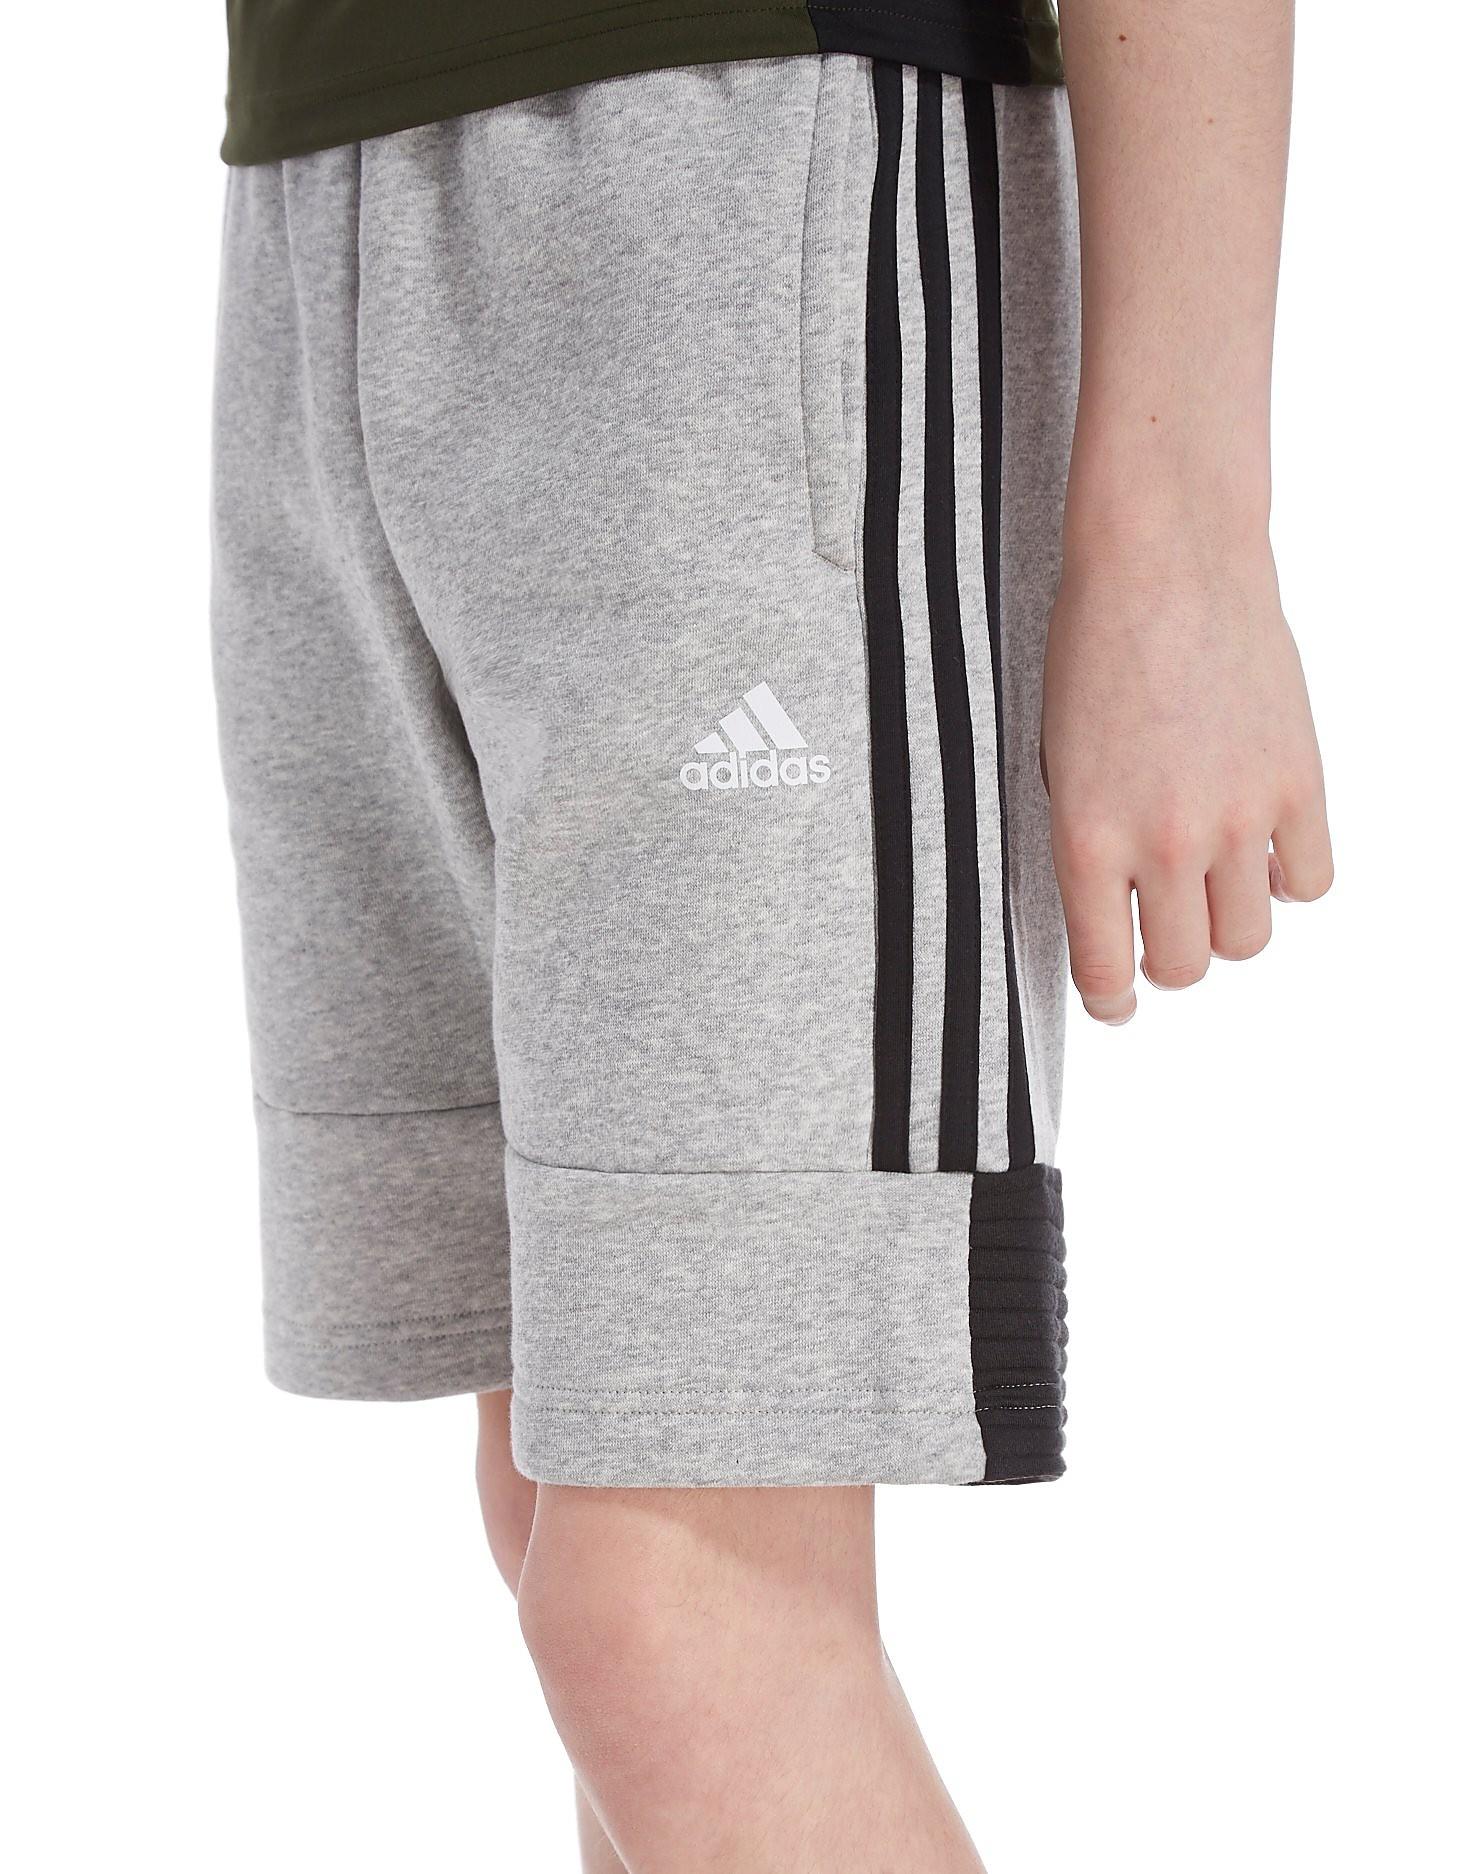 adidas pantalón corto Sport júnior